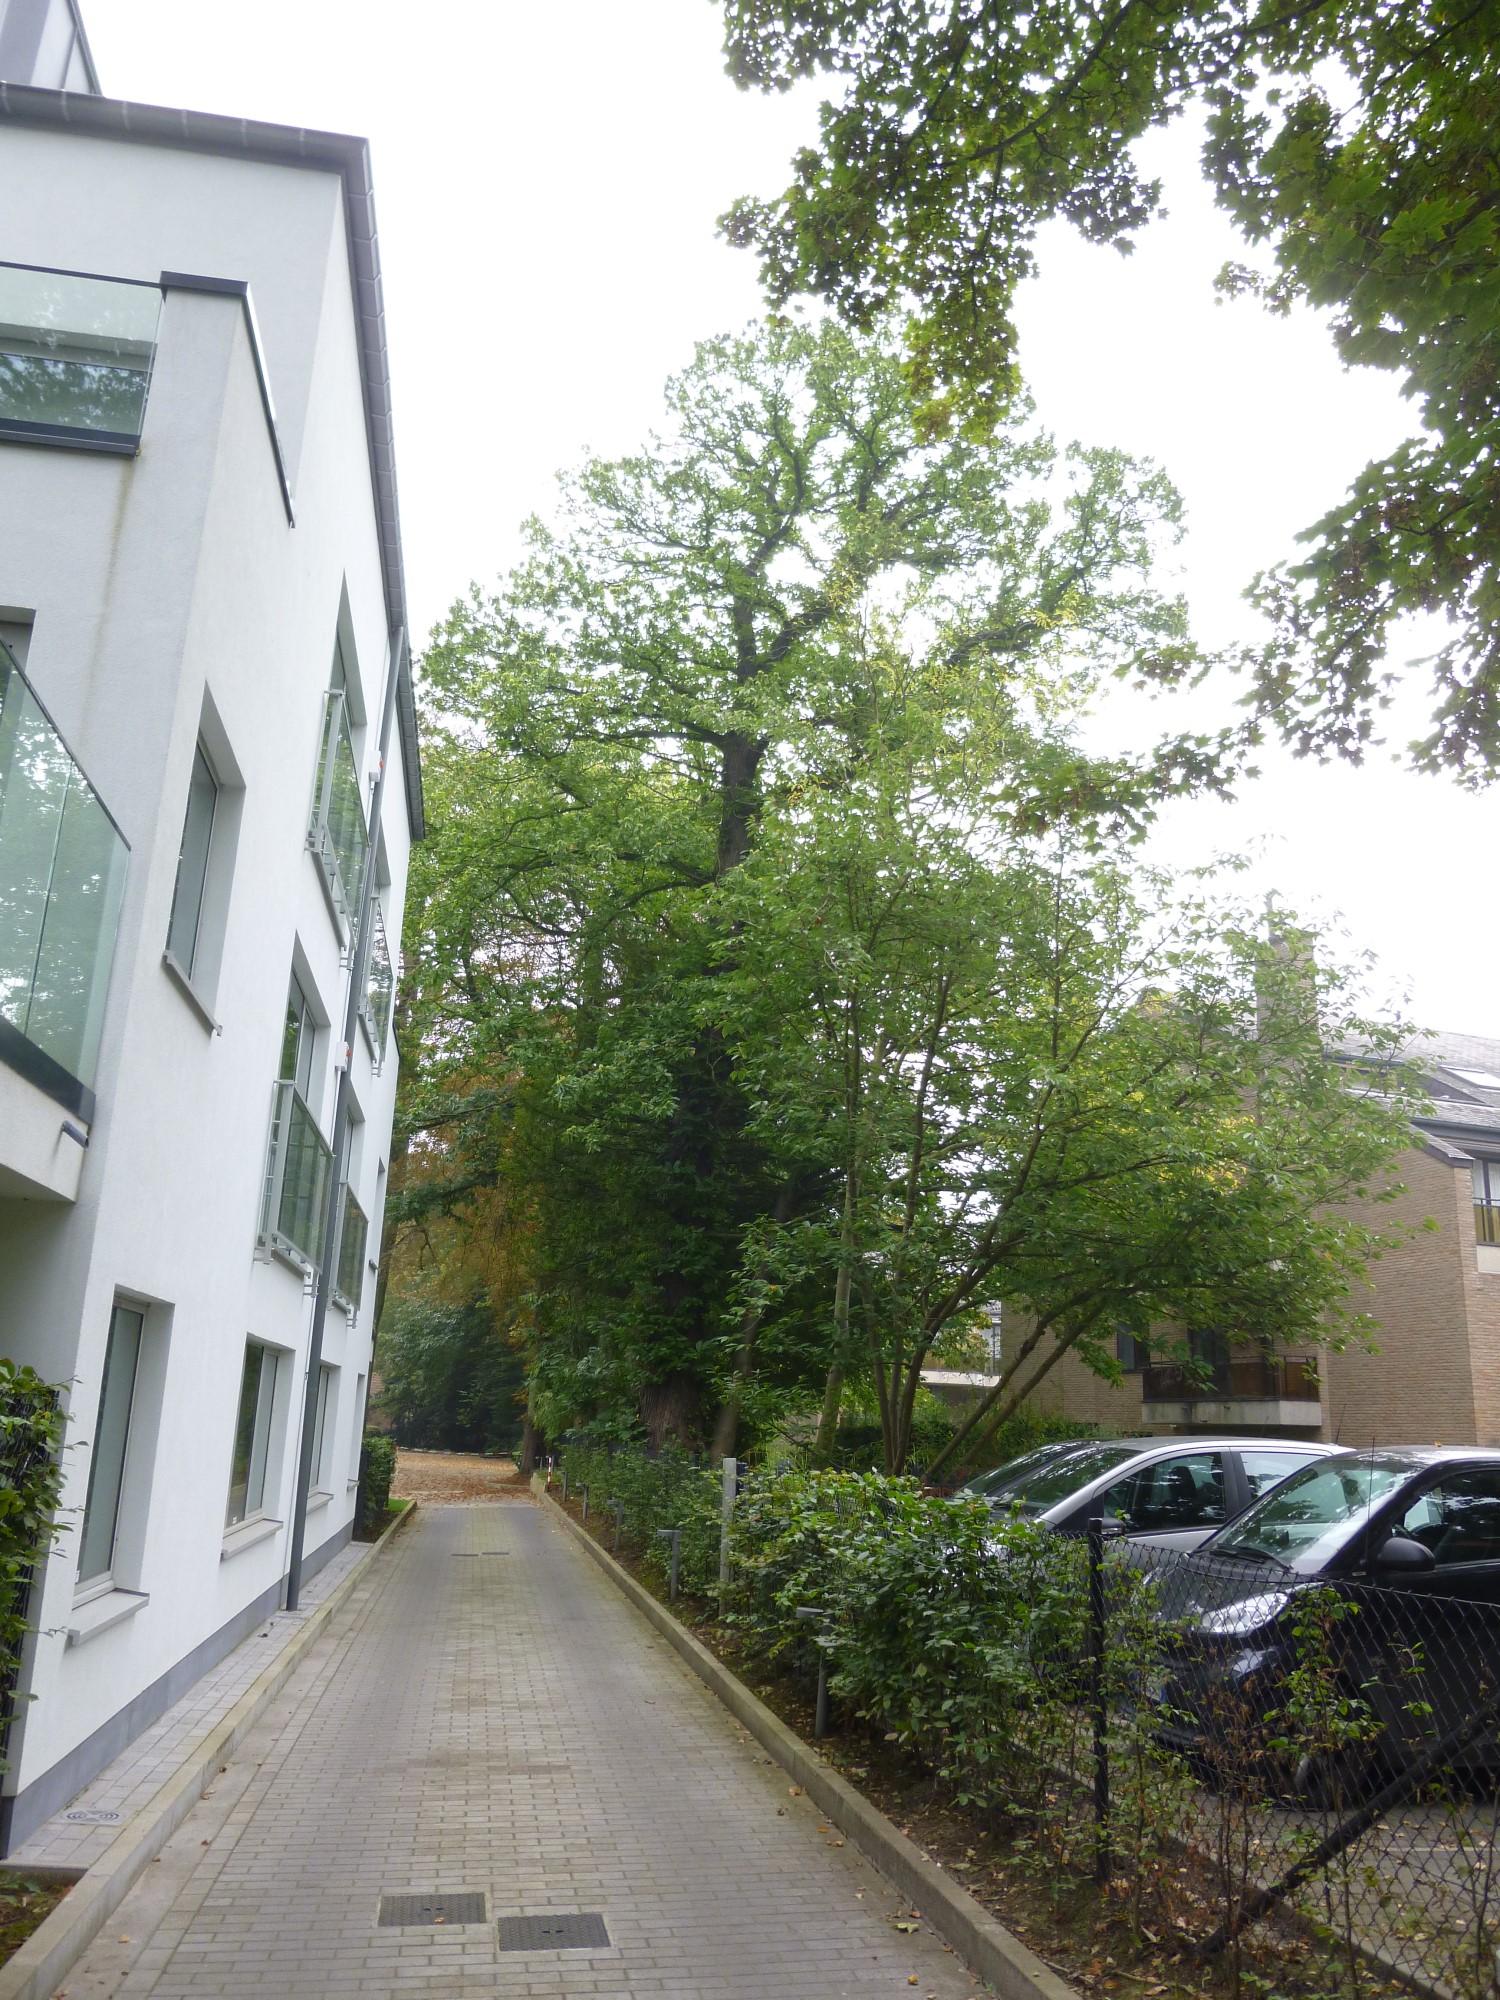 Châtaignier – Watermael-Boitsfort, Avenue Emile Van Becelaere, 13 –  08 Septembre 2014